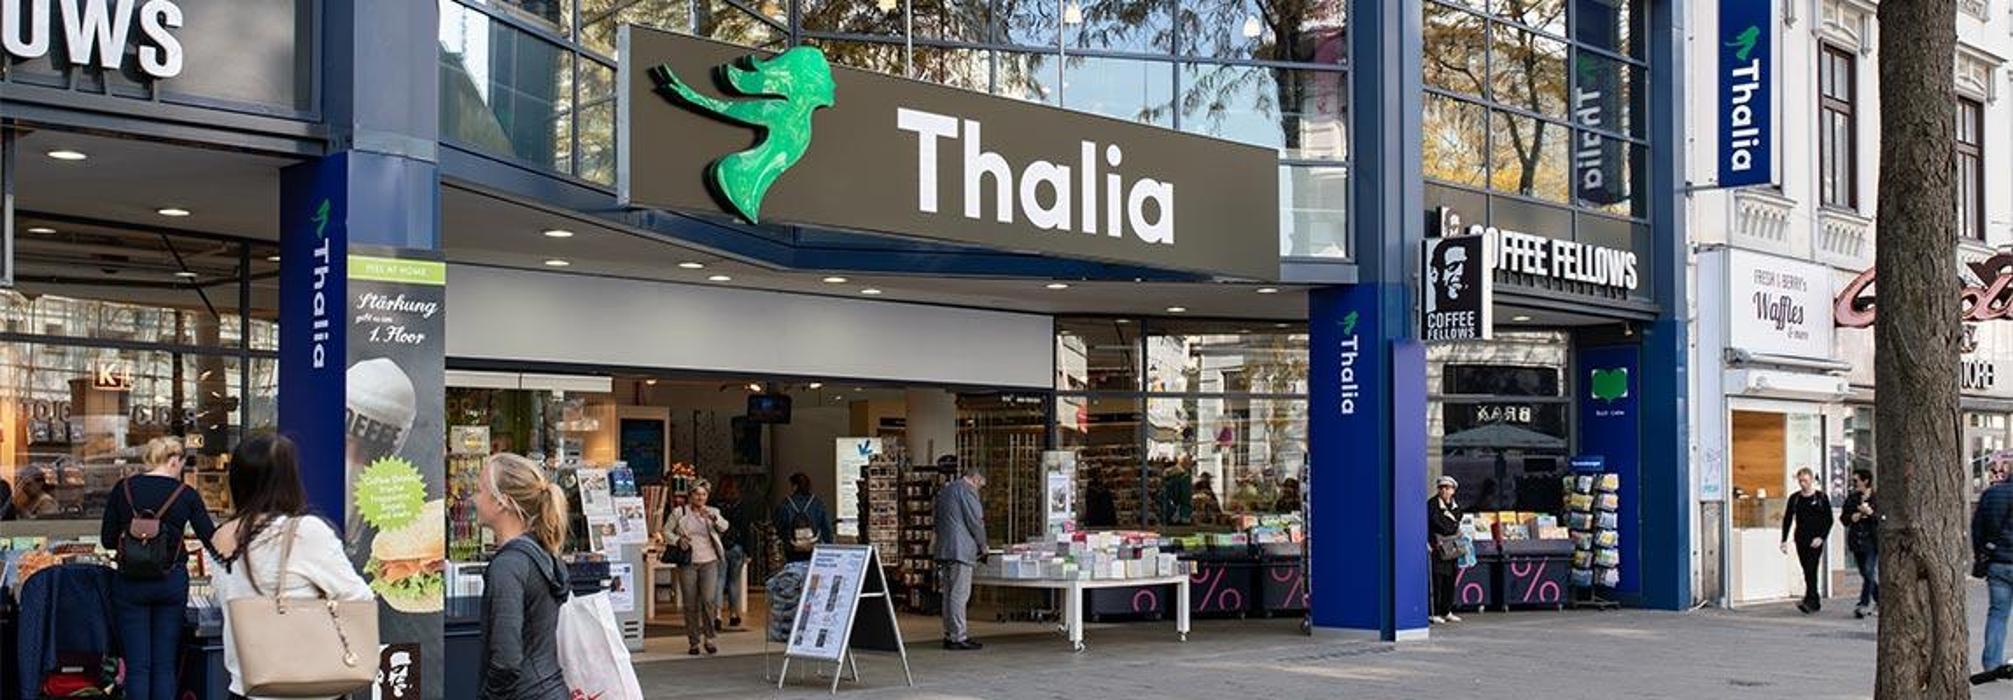 Thalia Wien Mariahilfer Straße Wien Mariahilfer Straße 99